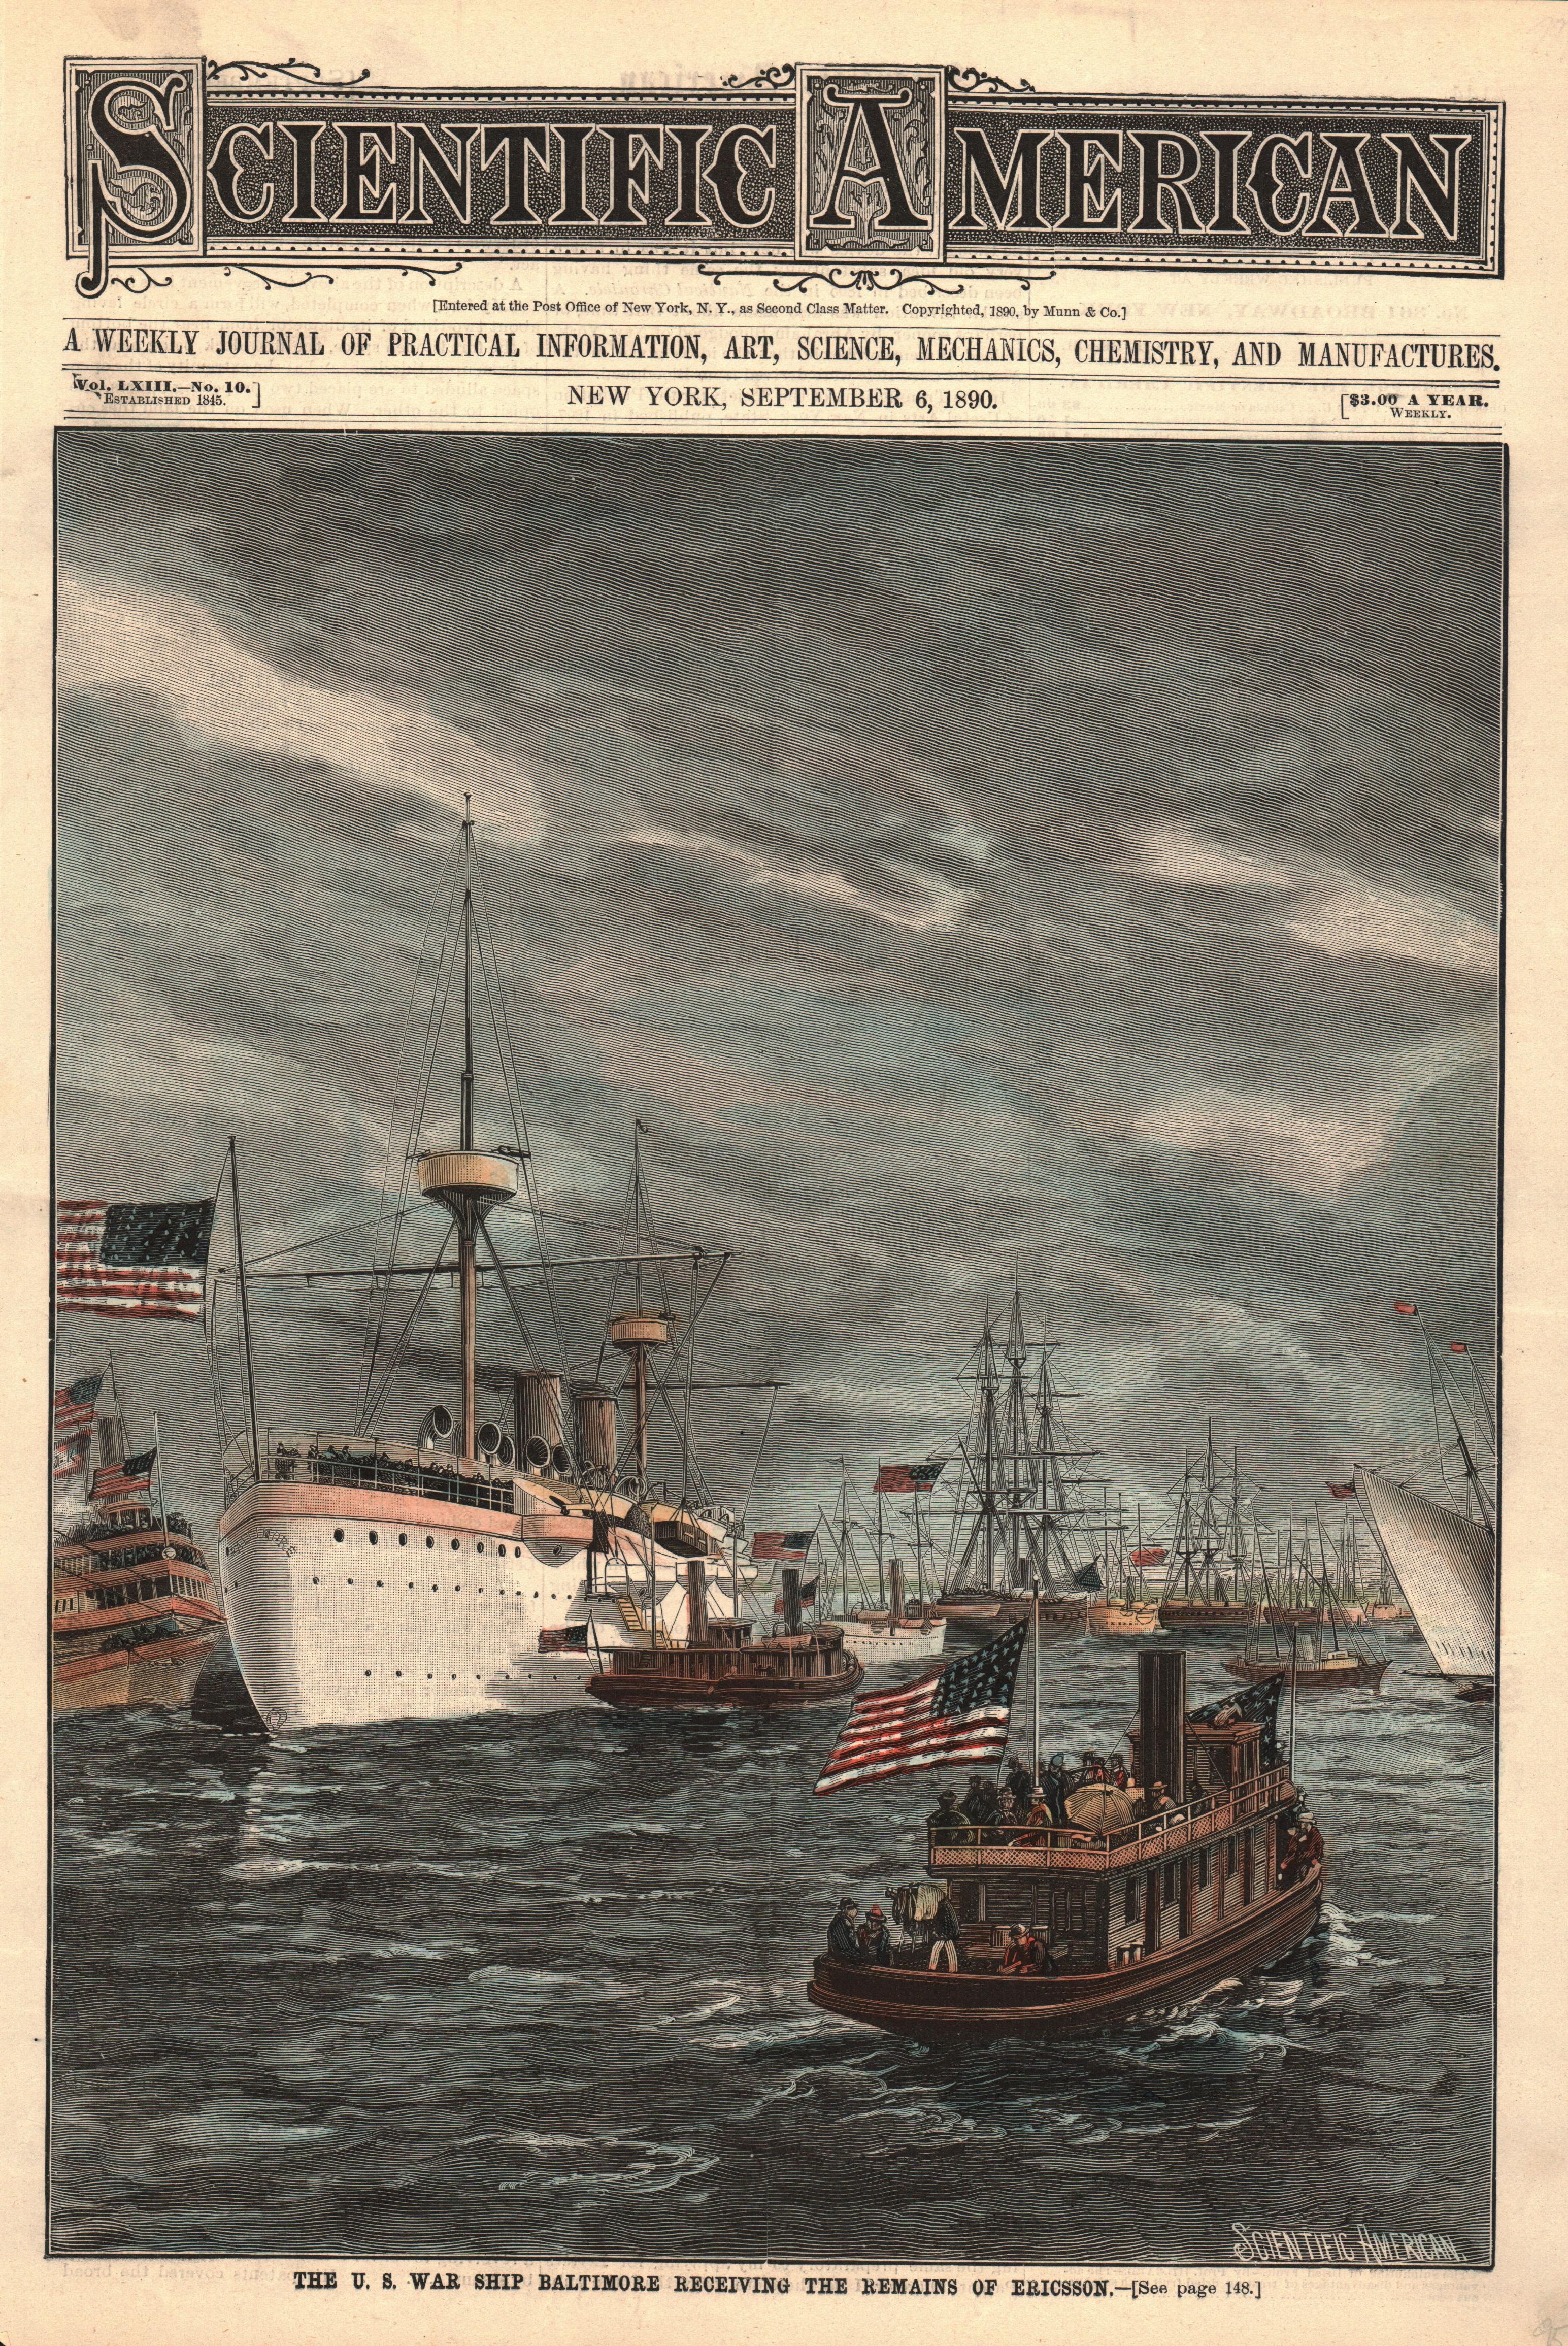 US War Ship Baltimore